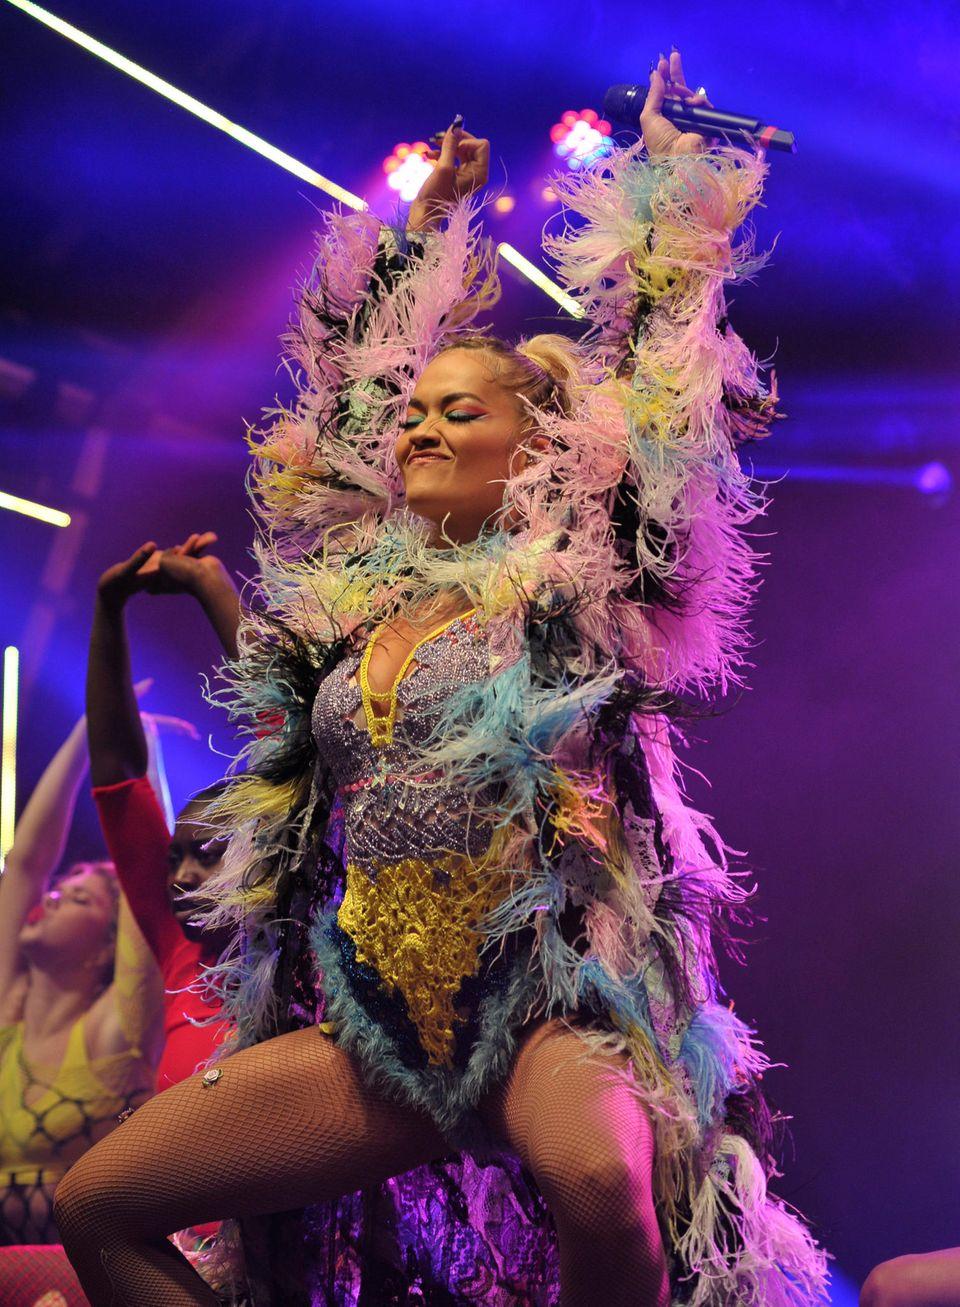 ... Abdancen! Die hübsche Sängerinweiß eben, wie sie die Federn schwingen lassen kann. Toller Look, Rita!